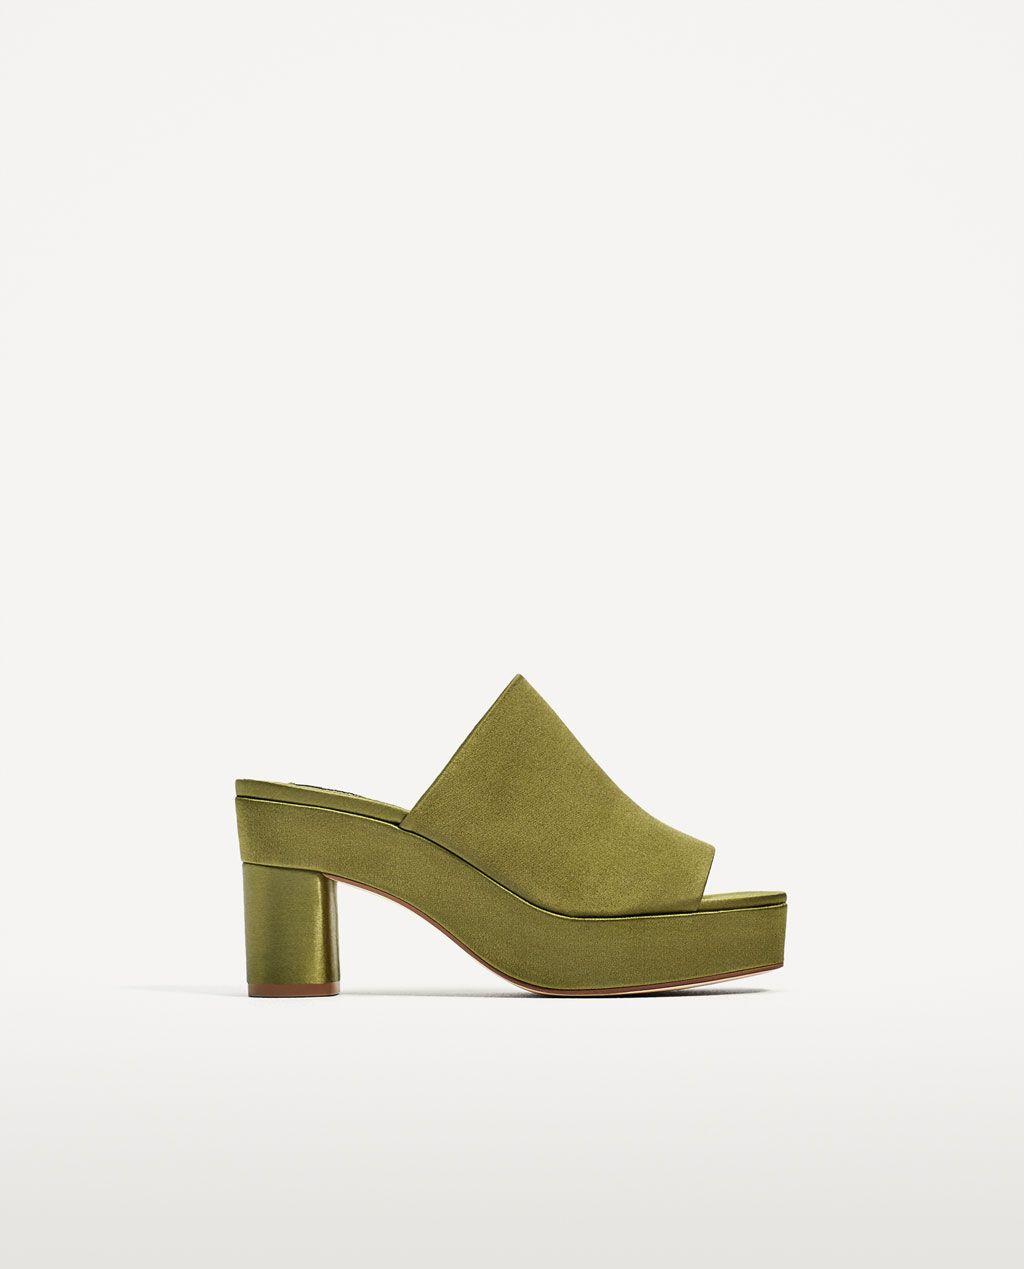 Sandalias de plataforma de Zara , como nuevas